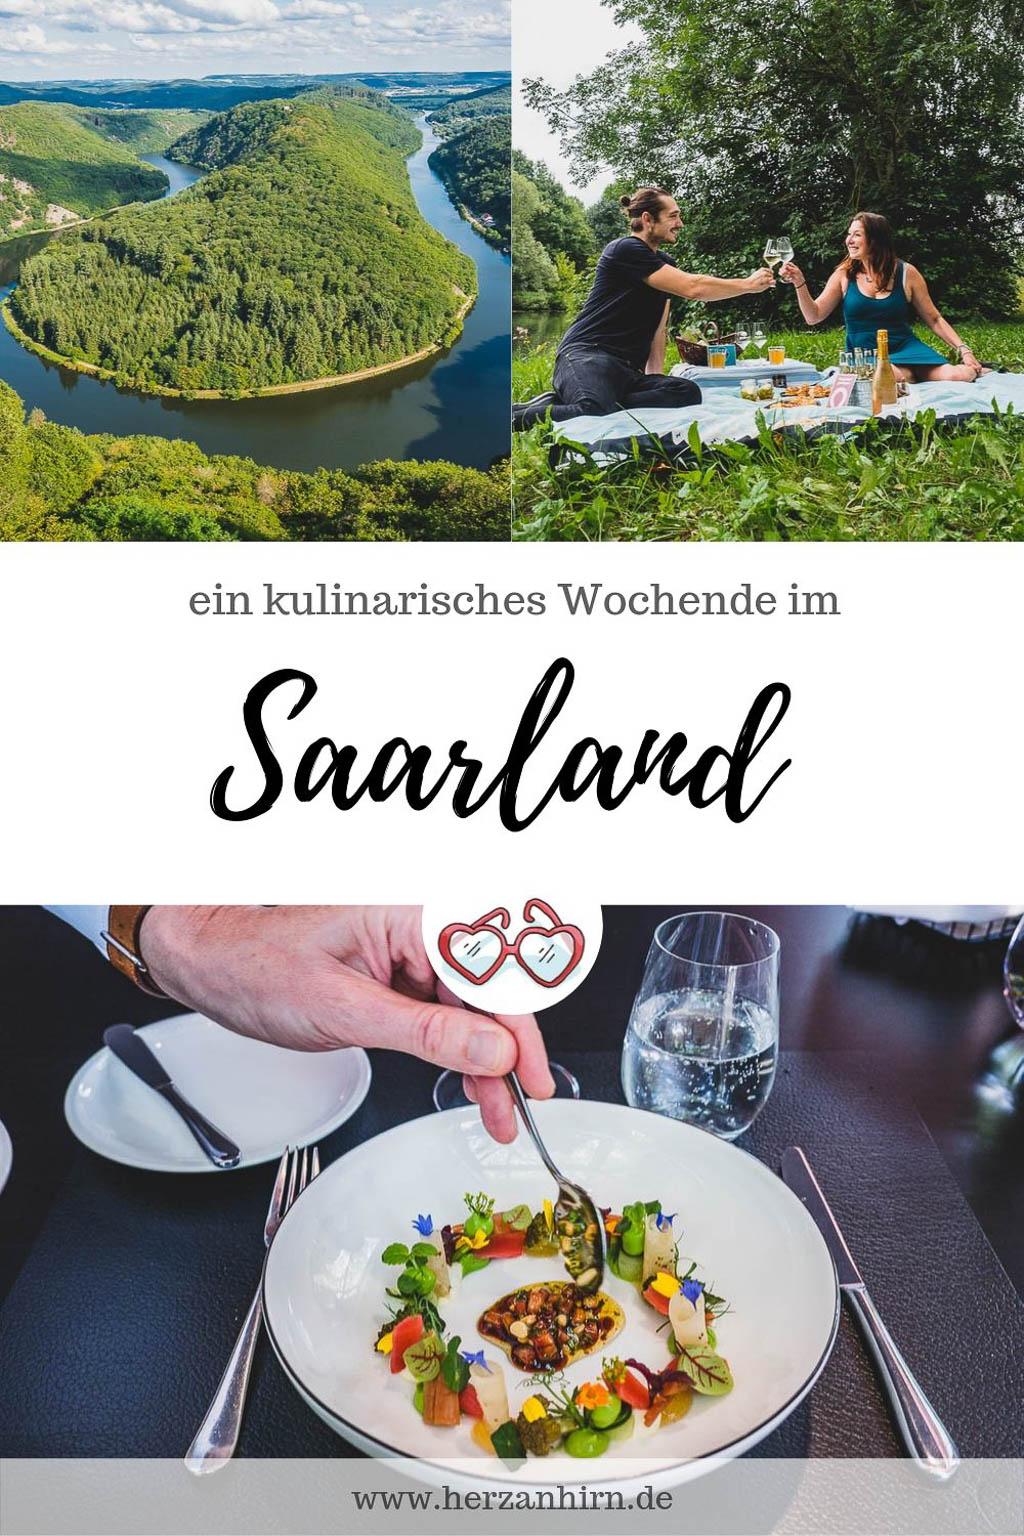 Pinterest Grafik ein kulinarisches Wochenende im Saarland